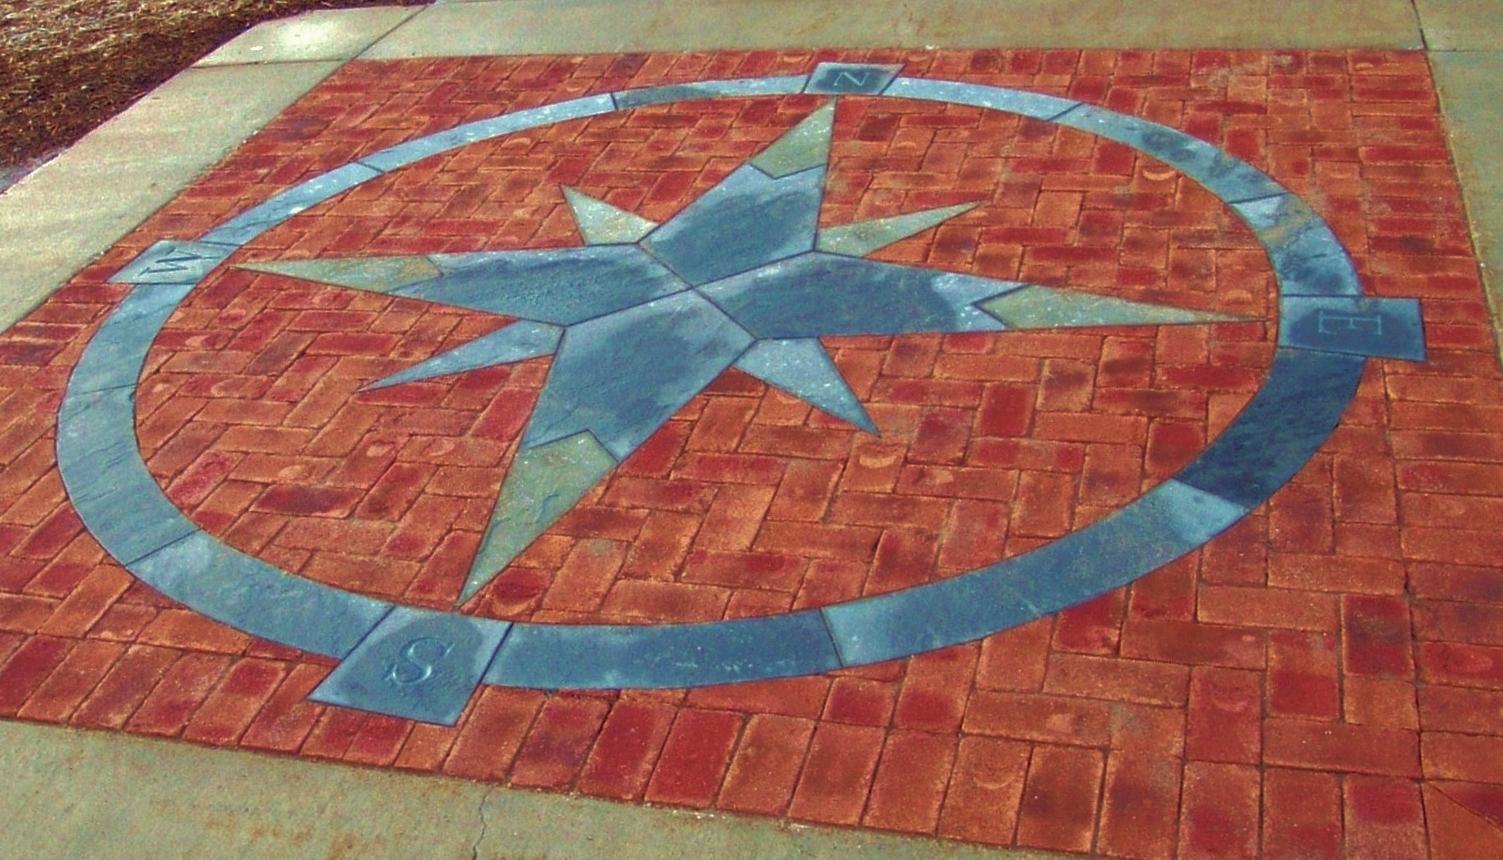 Bluestone Compass in a Brick Patio